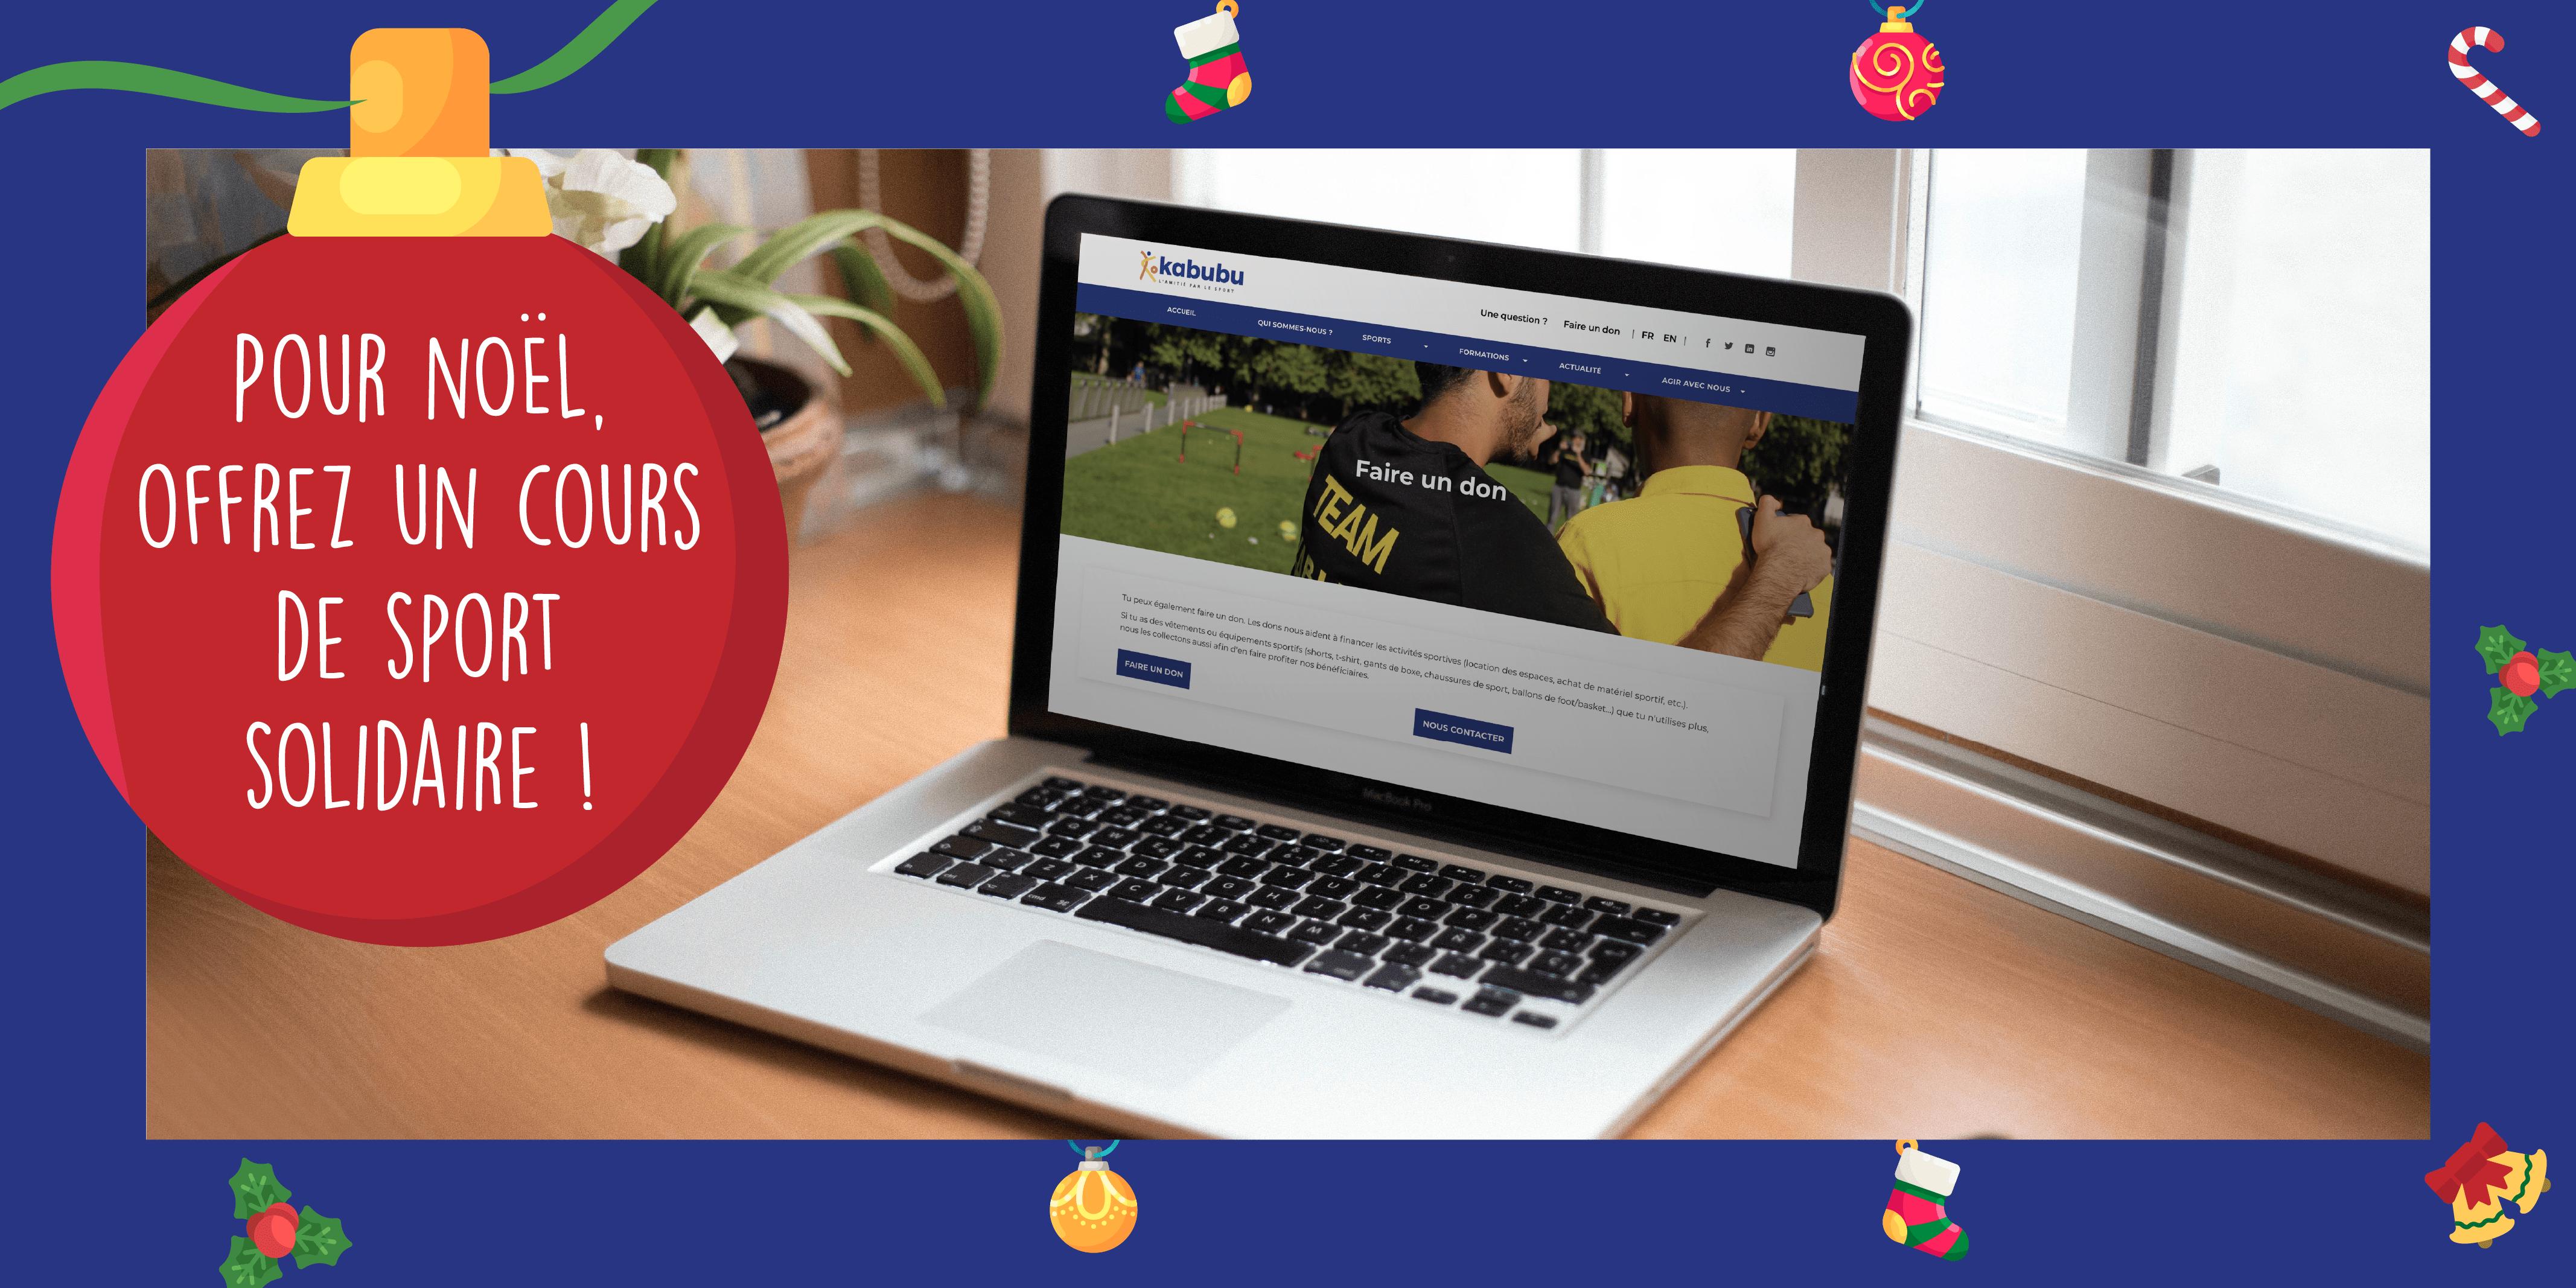 Pour Noël, offrez un cours de sport solidaire !